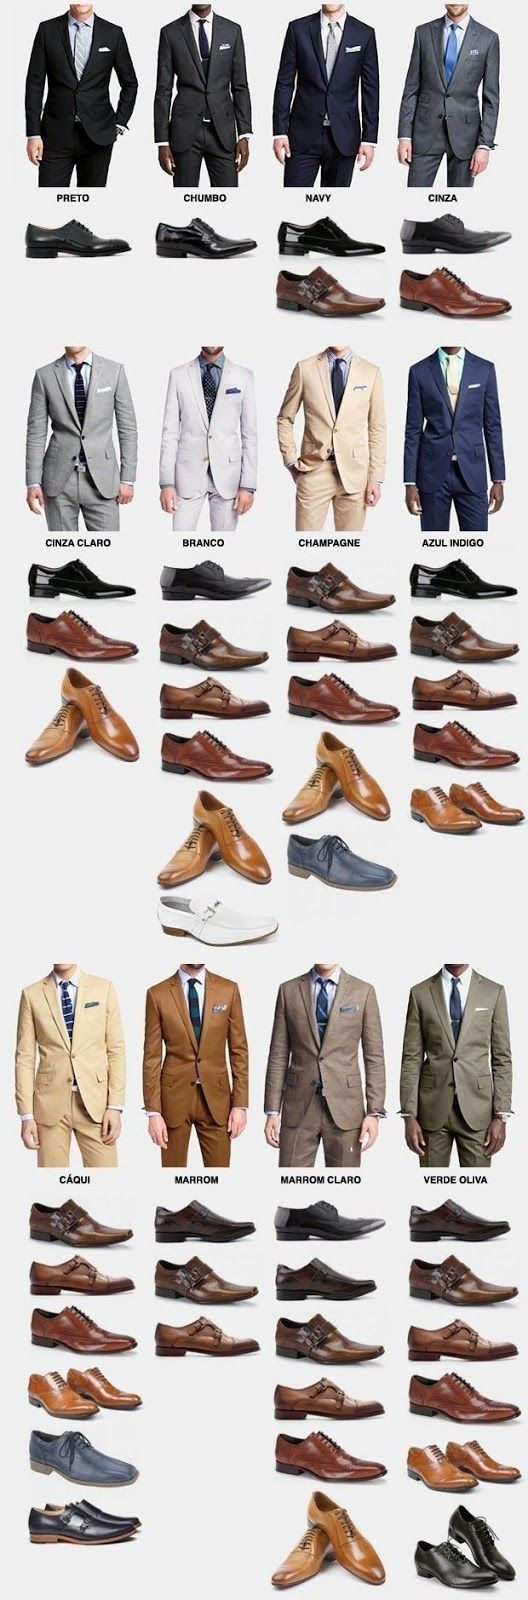 Blog de moda masculina, viajes, cine, fashion, life style y cuidado personal.